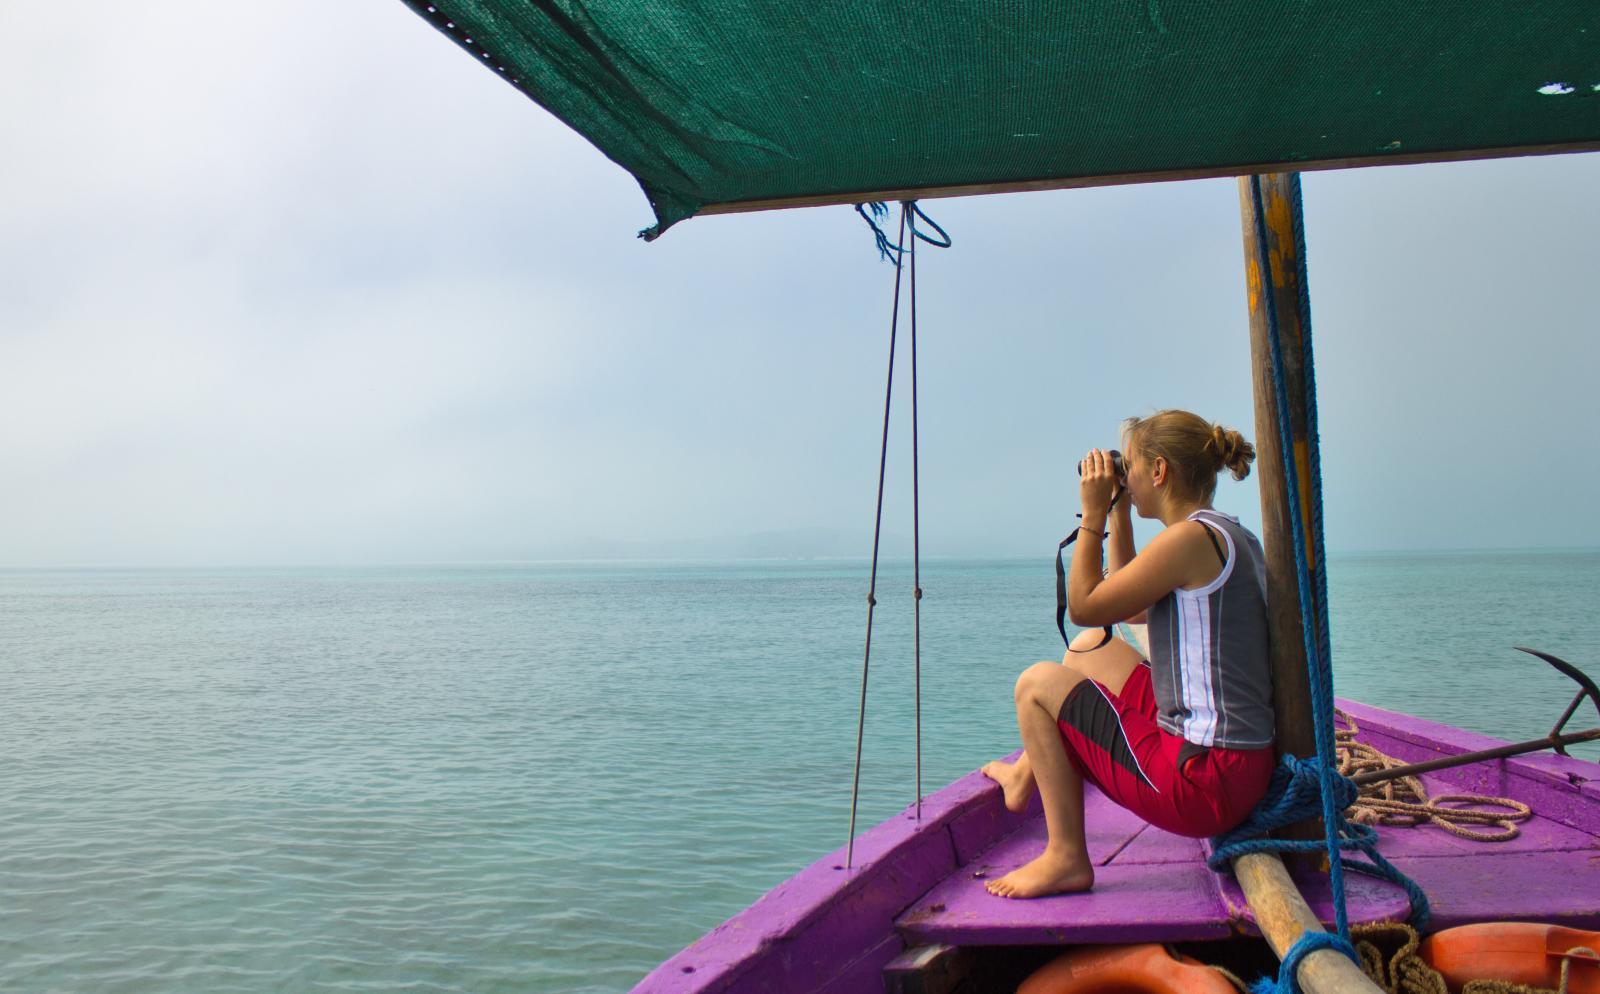 Voluntaria de Construcción en Mozambique admirando el océano Índico durante su tiempo libre